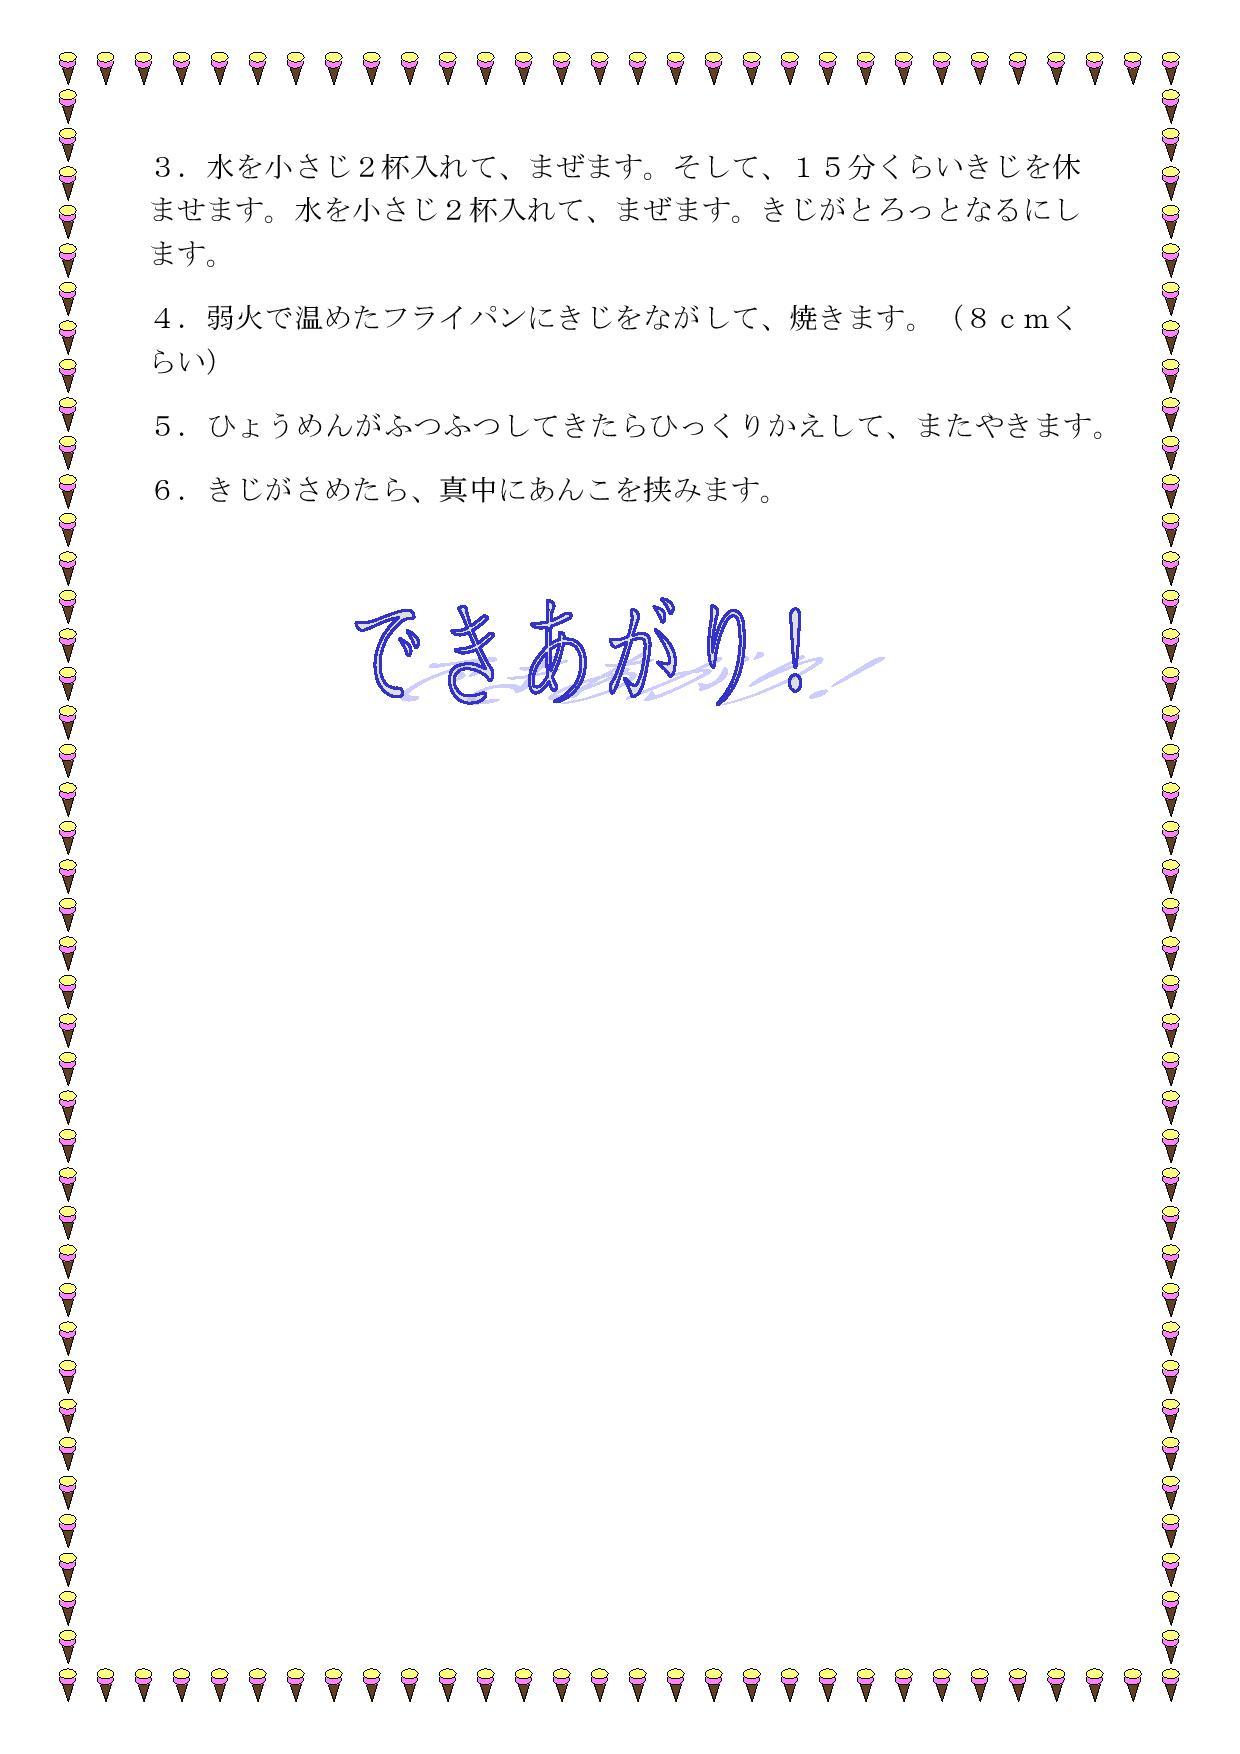 どらやきの作り方-page-002